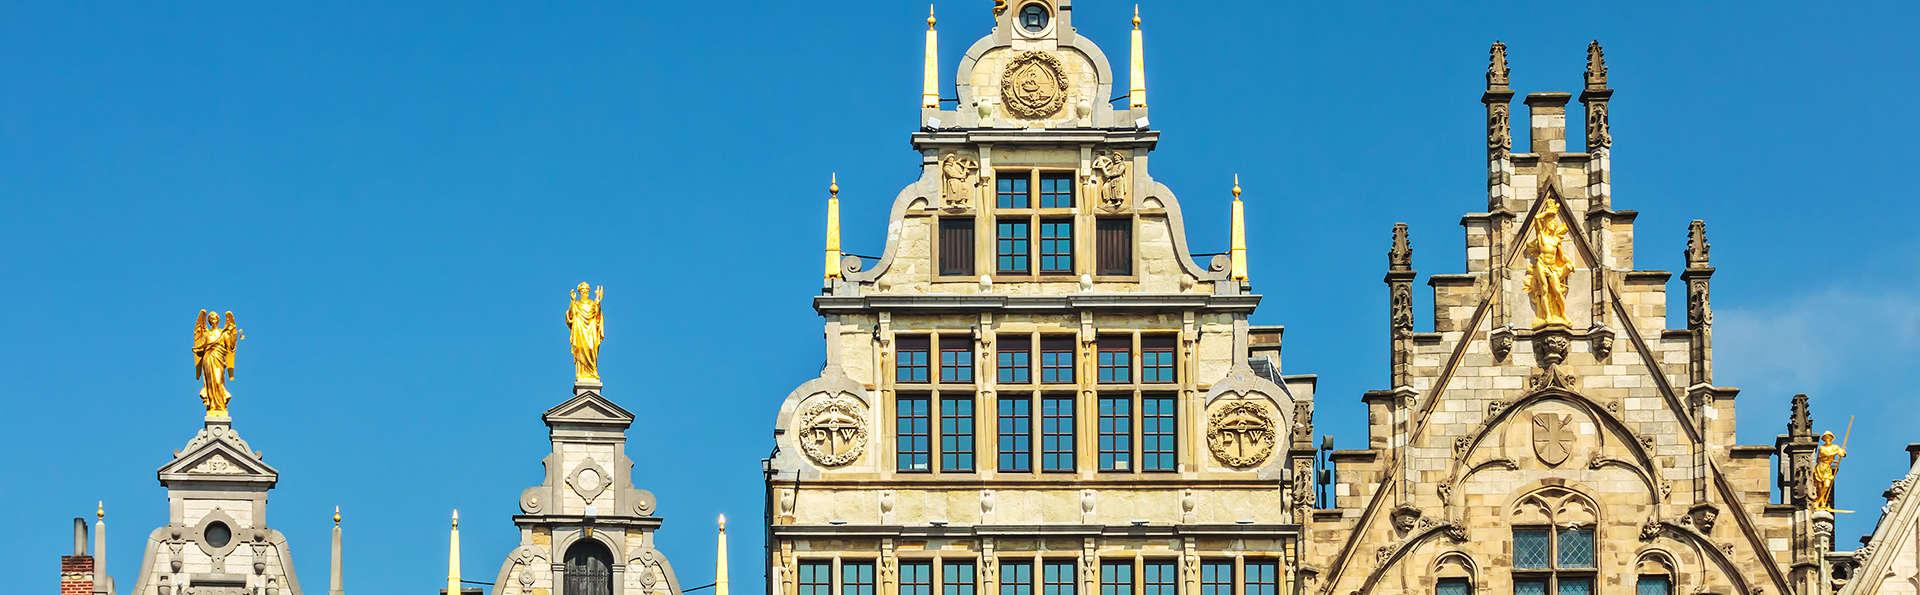 Week-end romantique à Anvers